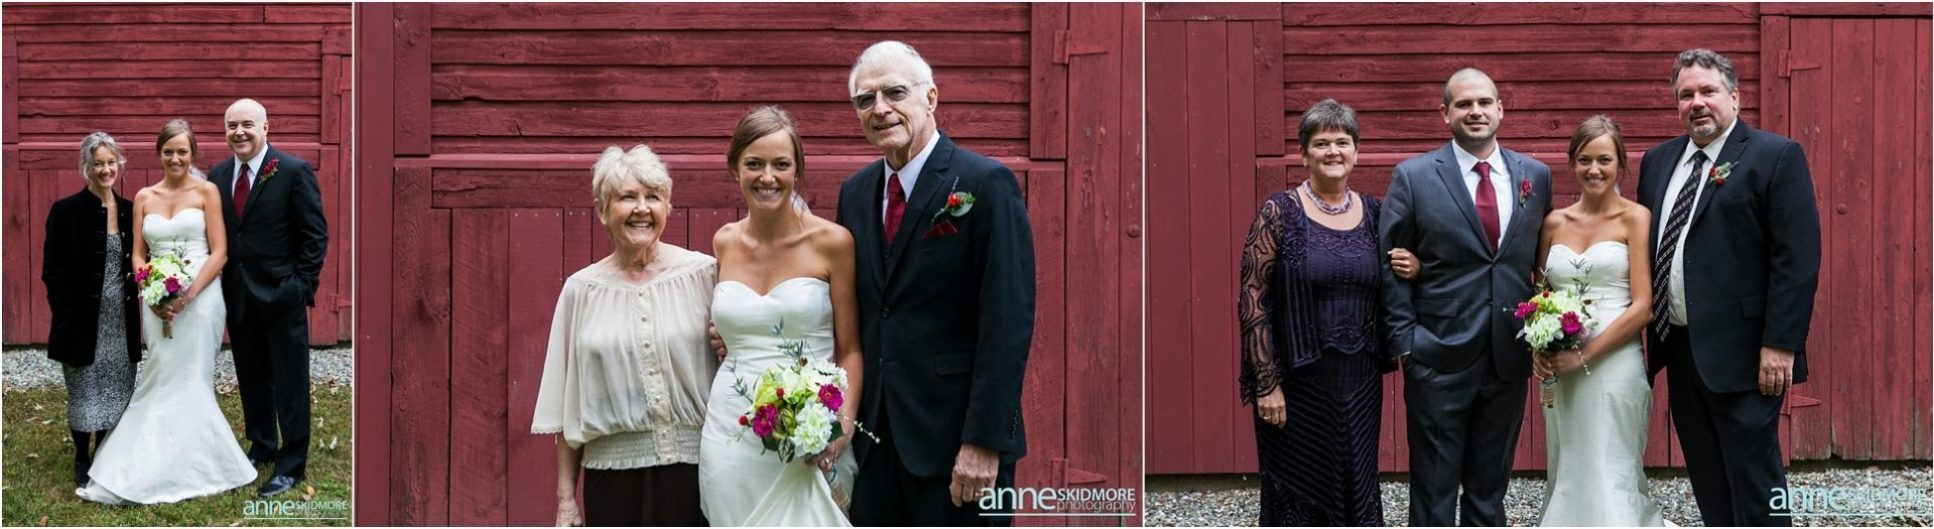 Claremont_NewHampshire_Wedding__037